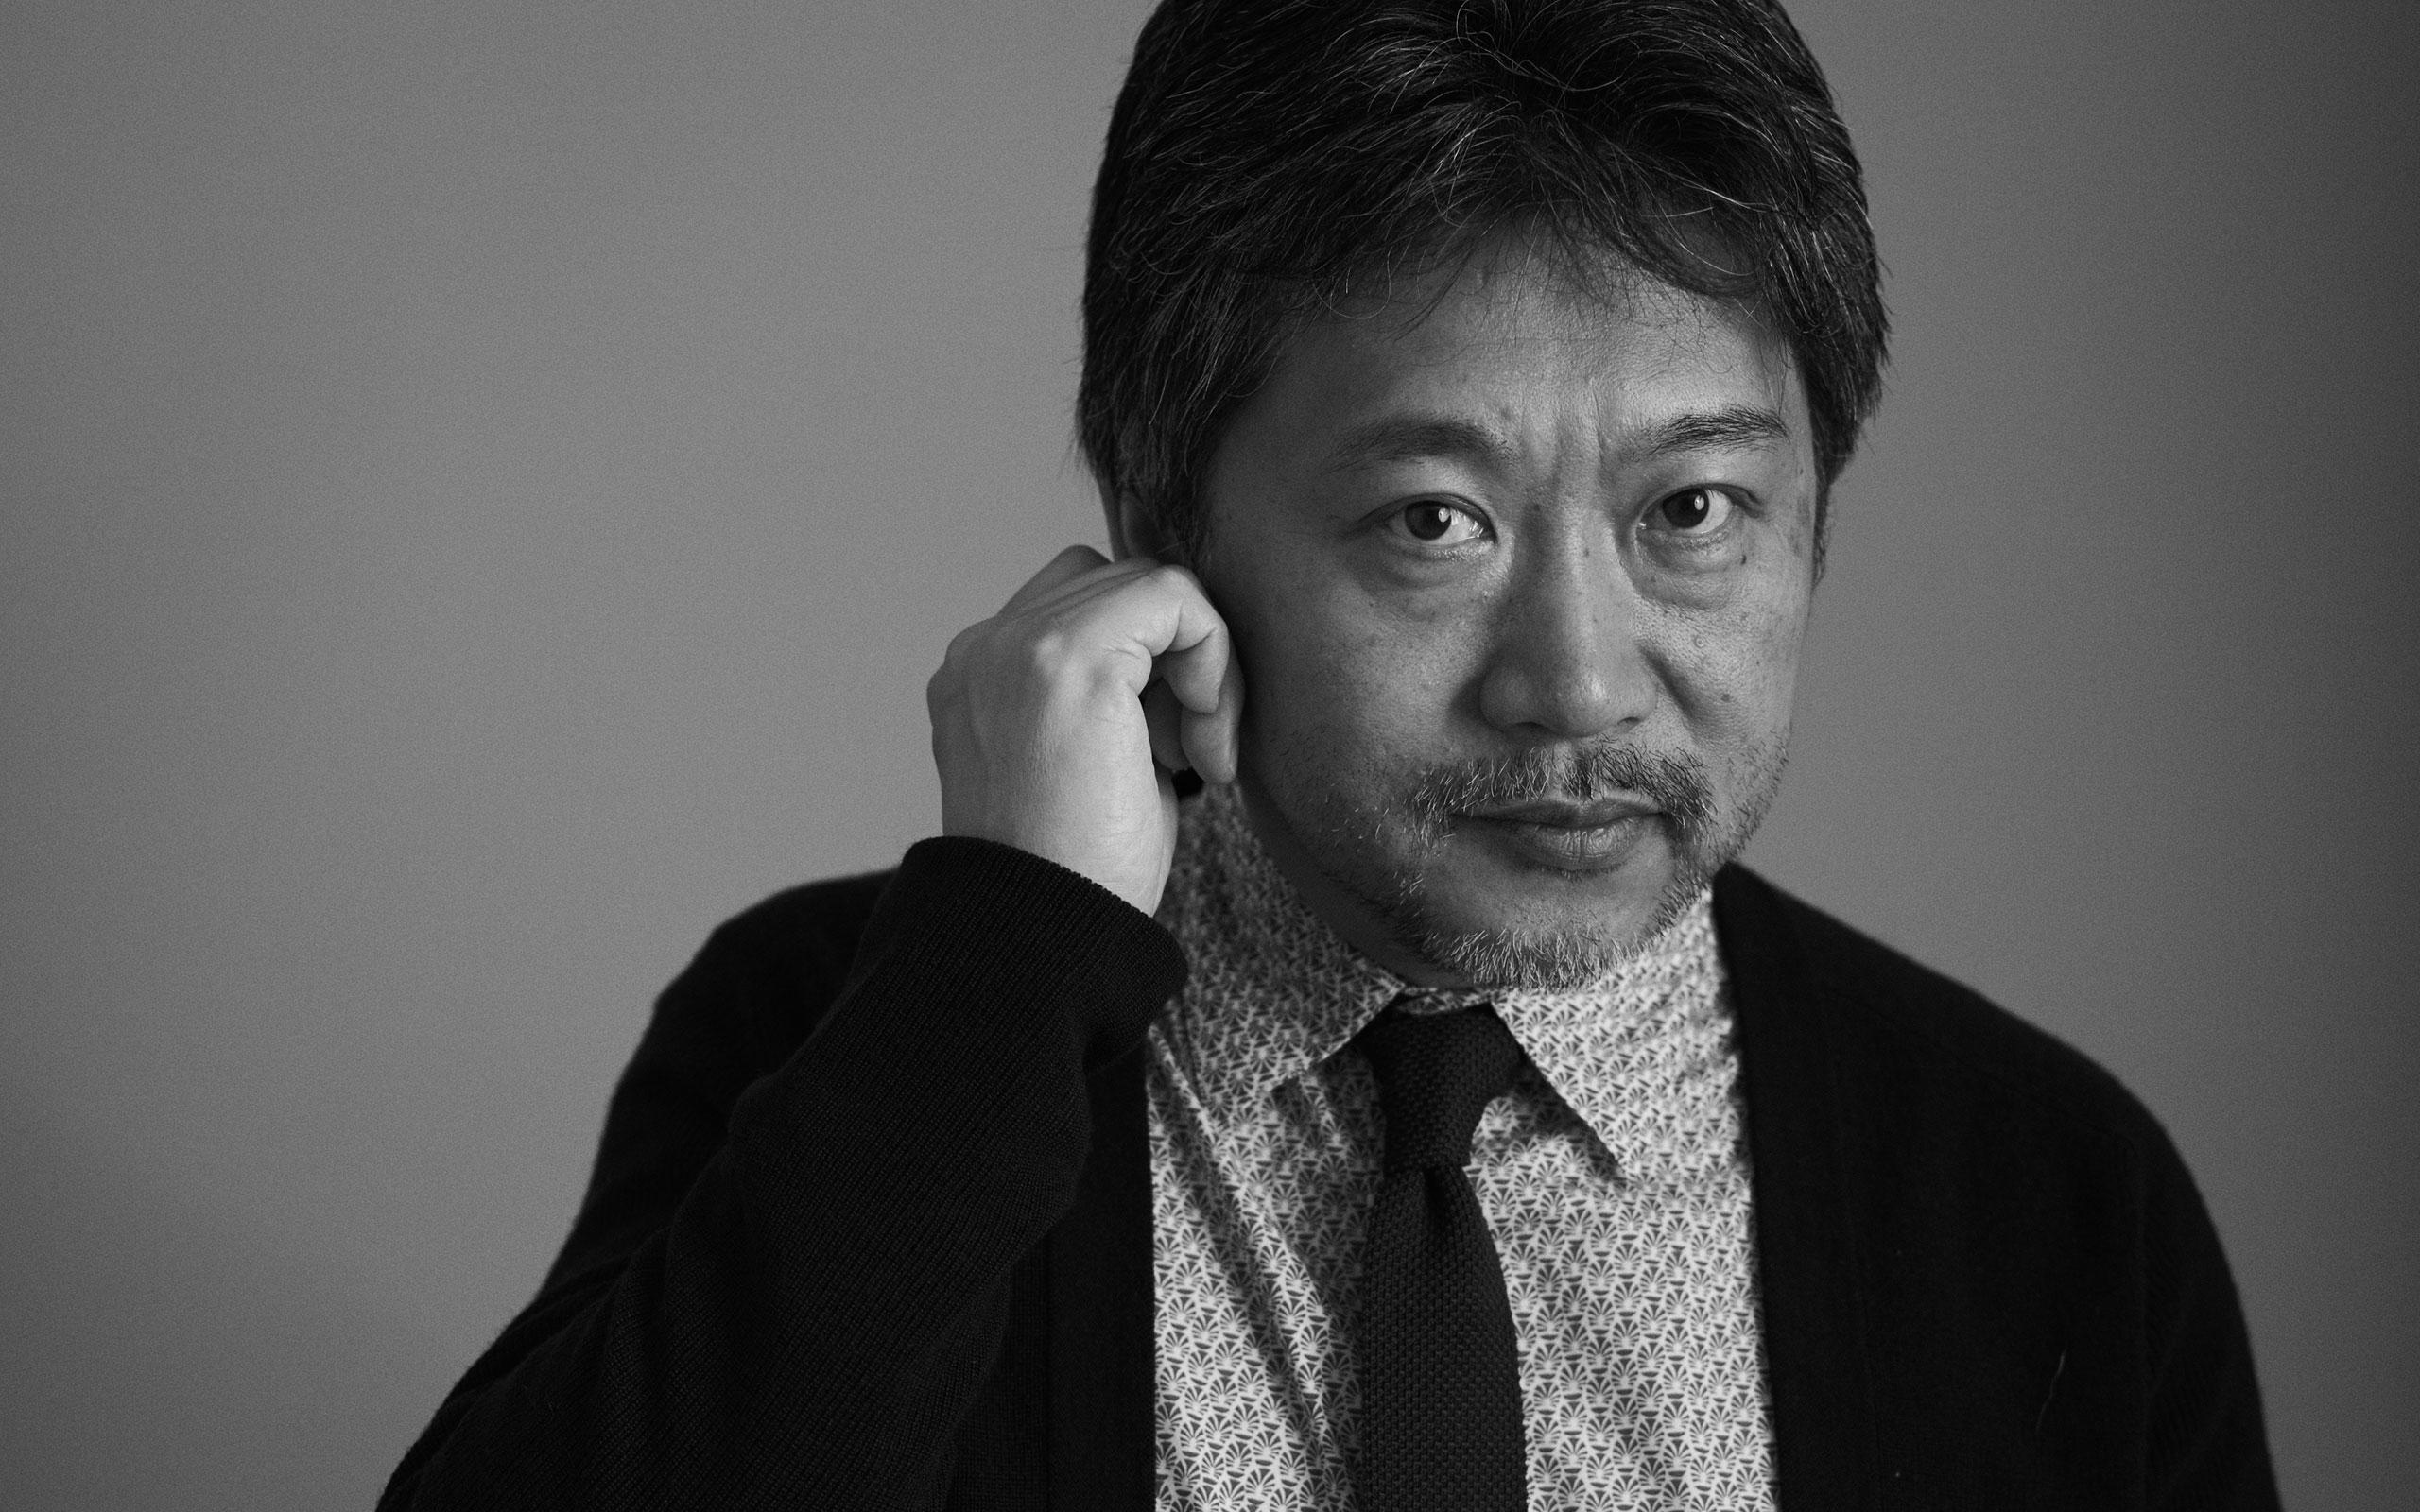 映画監督・是枝裕和インタビュー